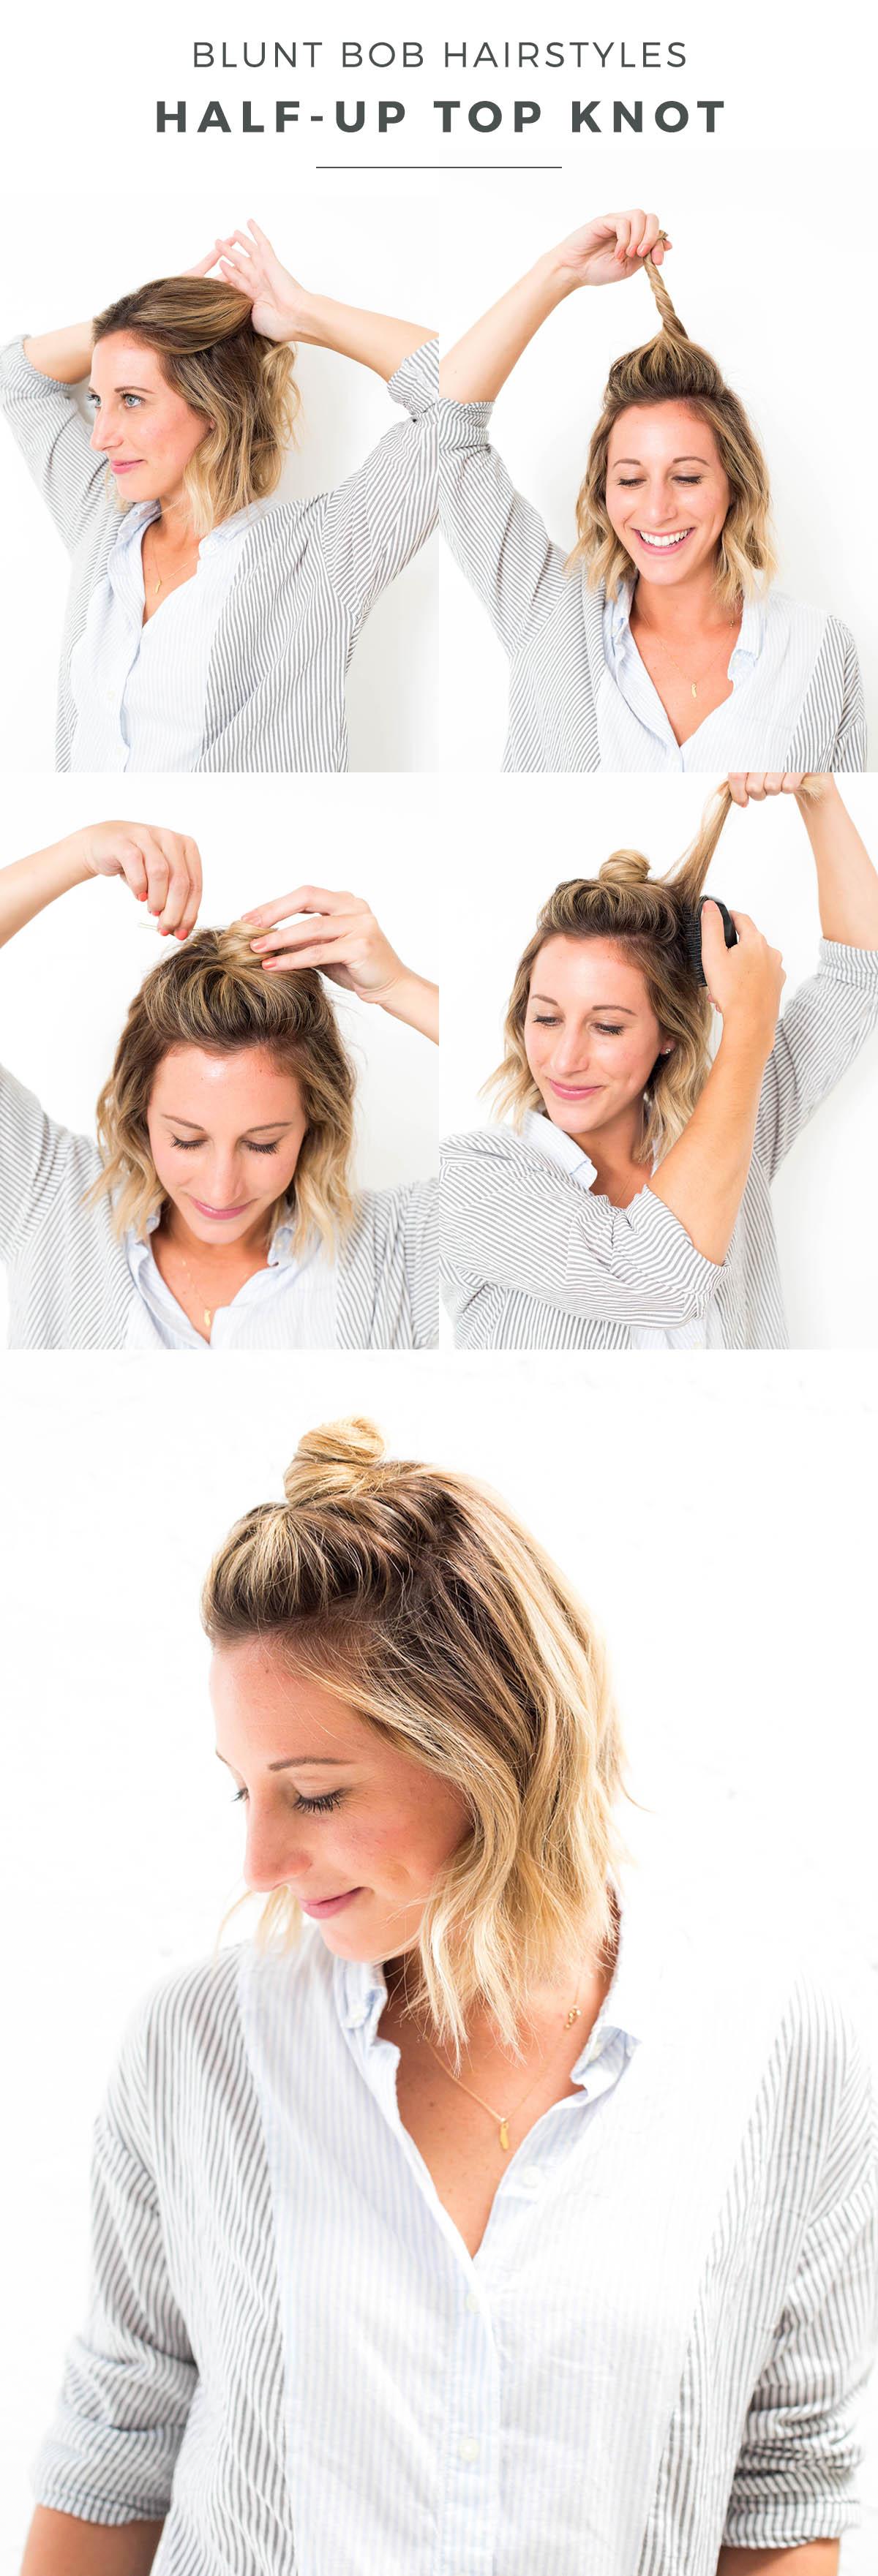 tuto chignon, modèle de demi chignon haut avec du volume sur le dessus, coiffure cheveux mi-long, carré plongeant court